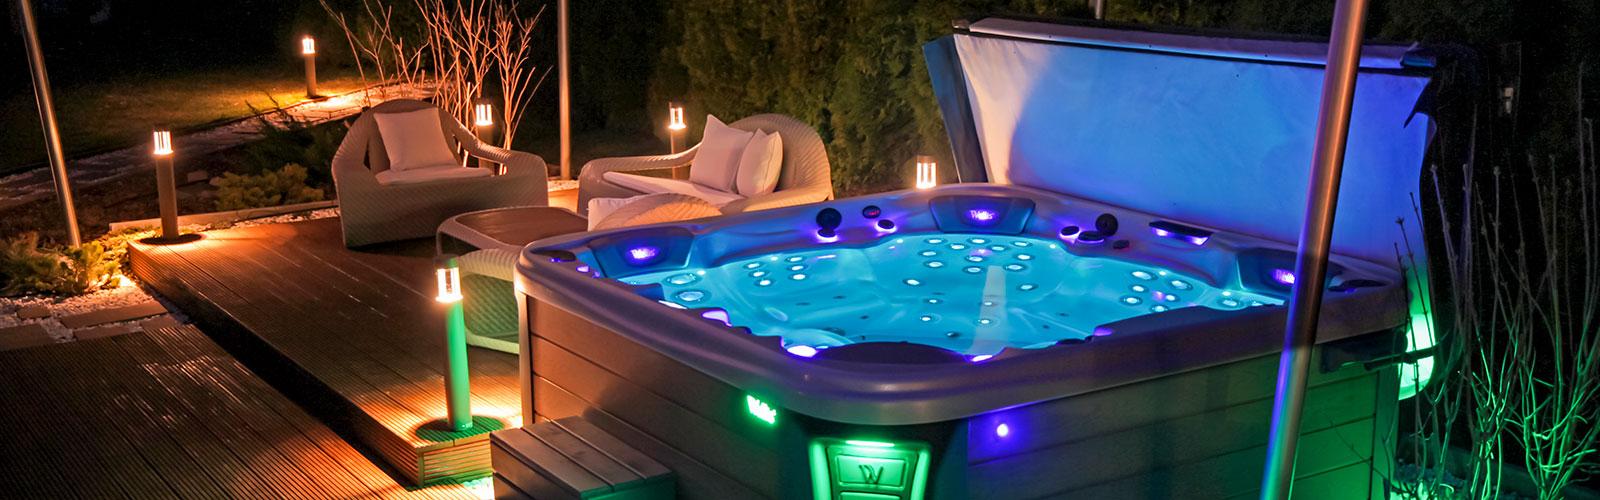 Arredi Per Piscine Esterne casapool, piscine - spa e idromassaggi, saune e cabine